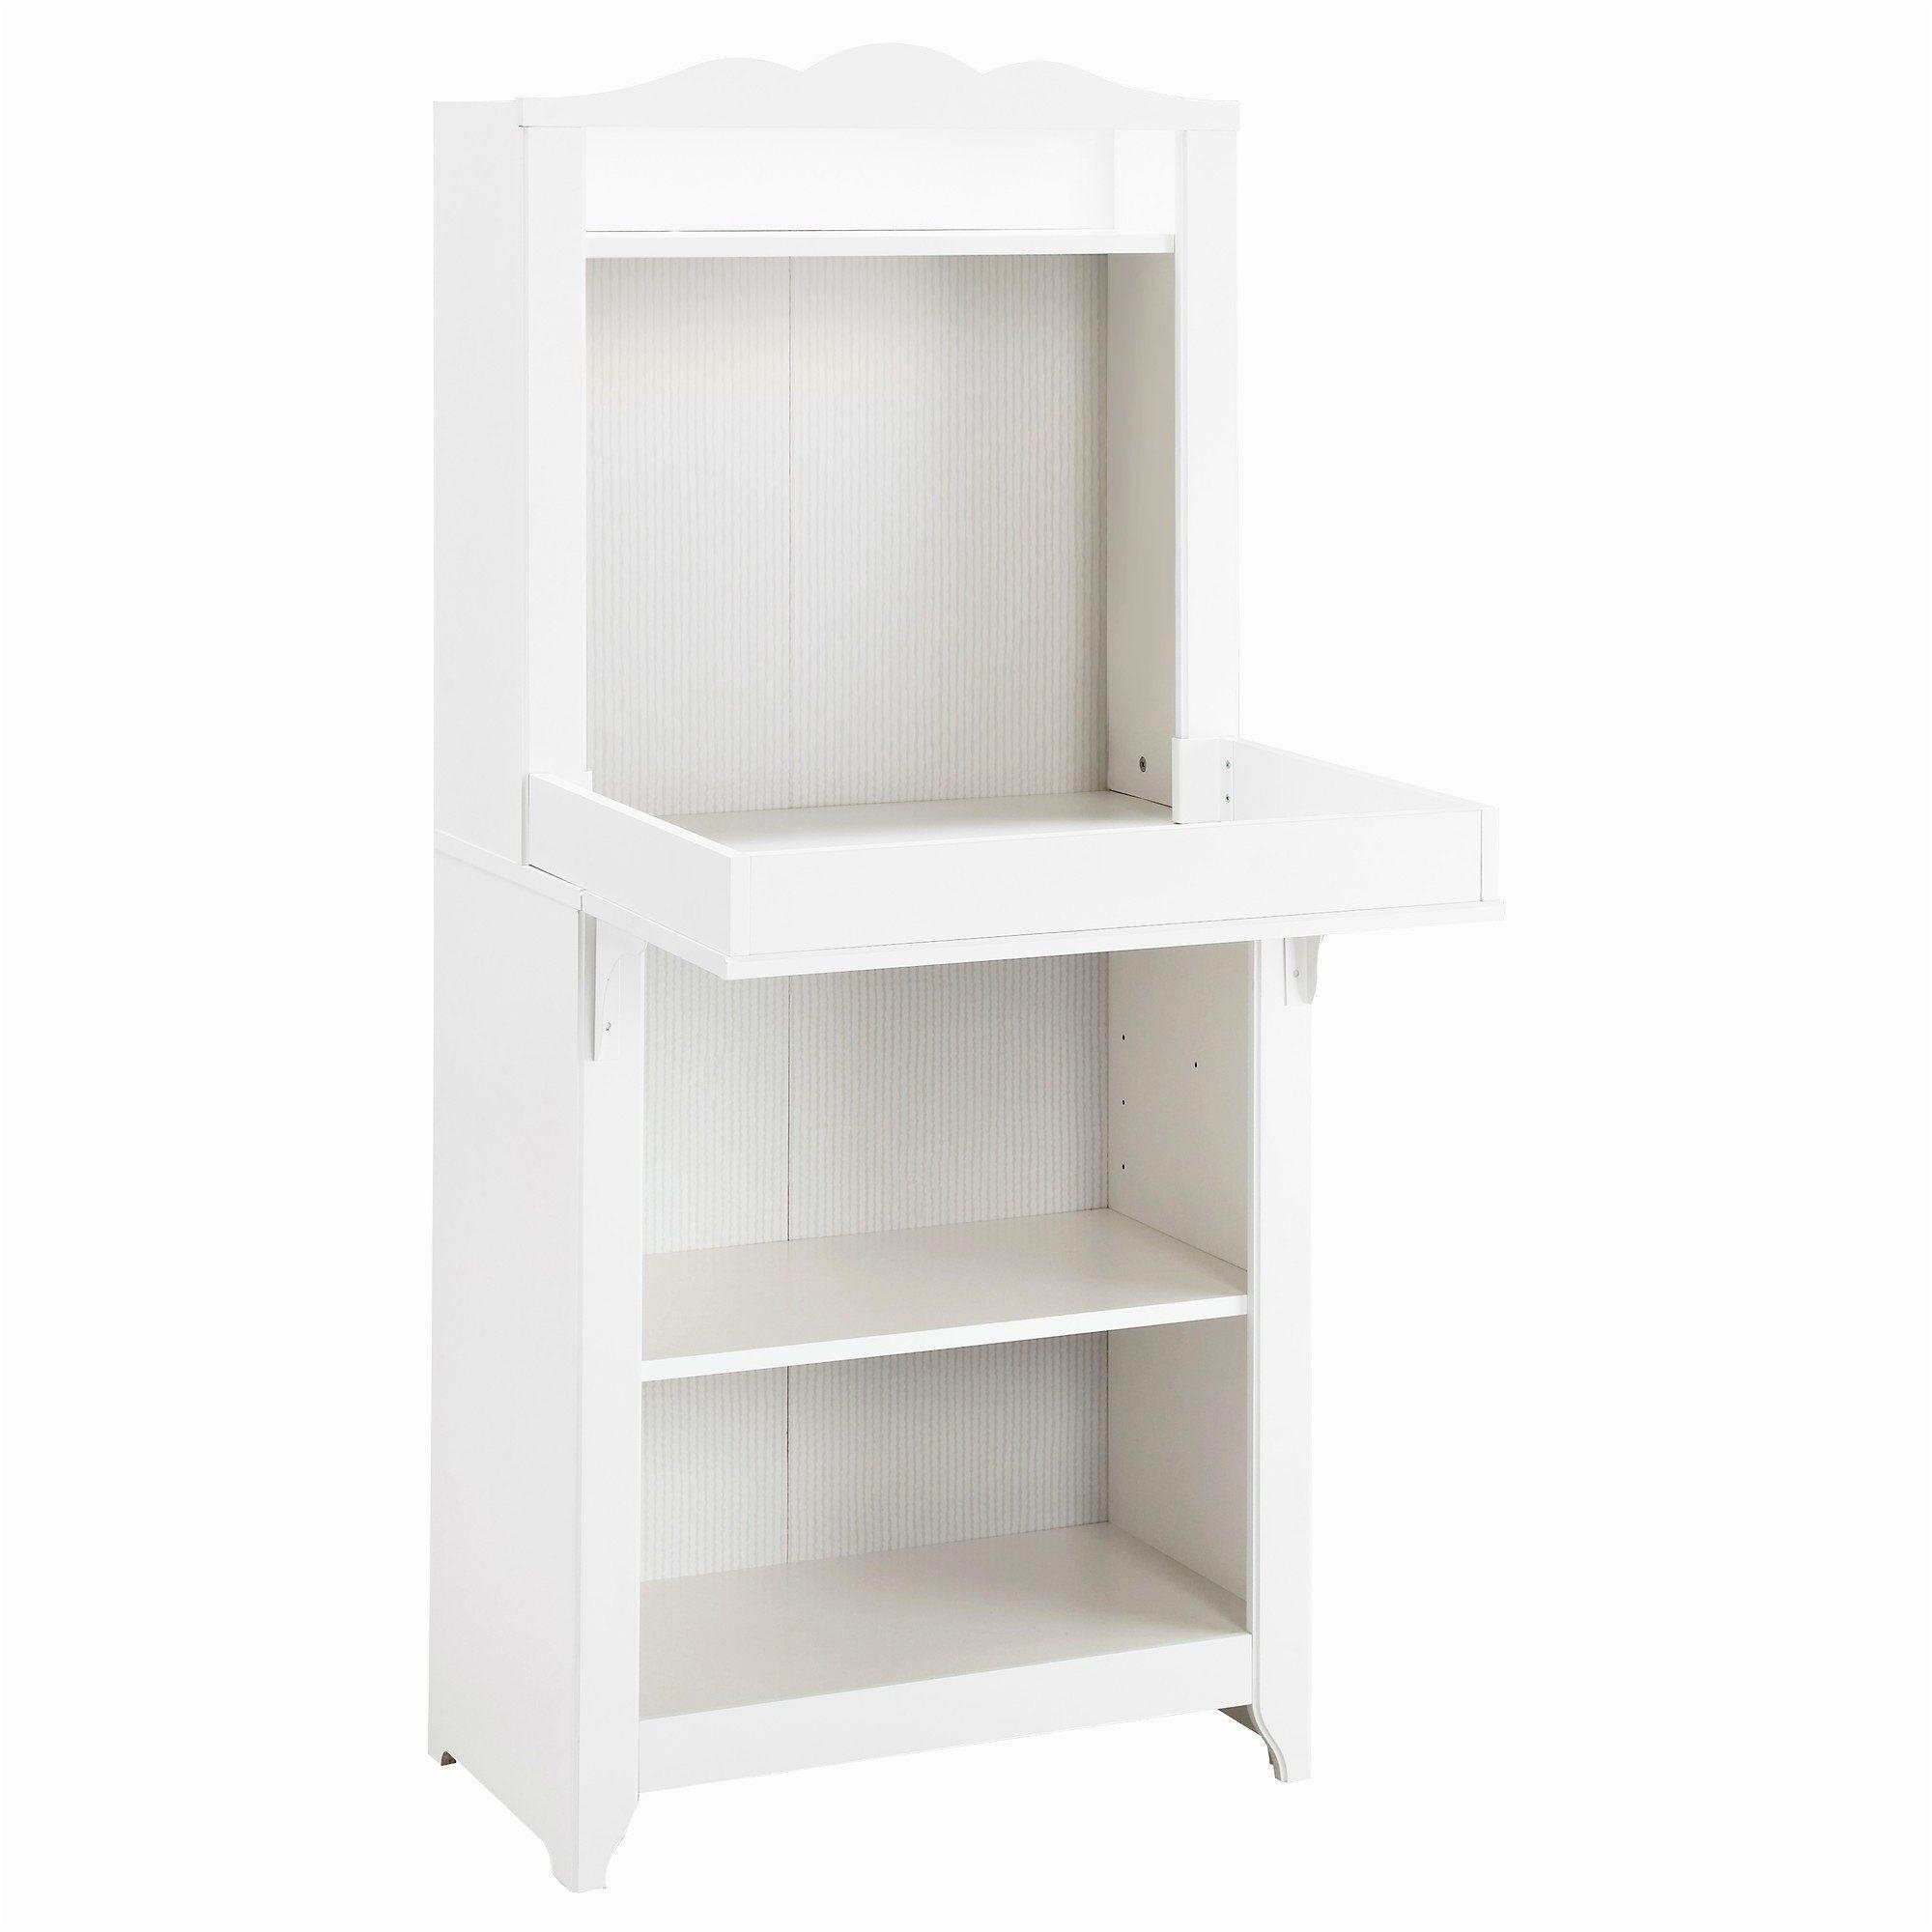 Lit Superposé En Fer Joli Lit Biné Mezzanine Bureau Armoire élégant Bureau Fer forgé Ikea